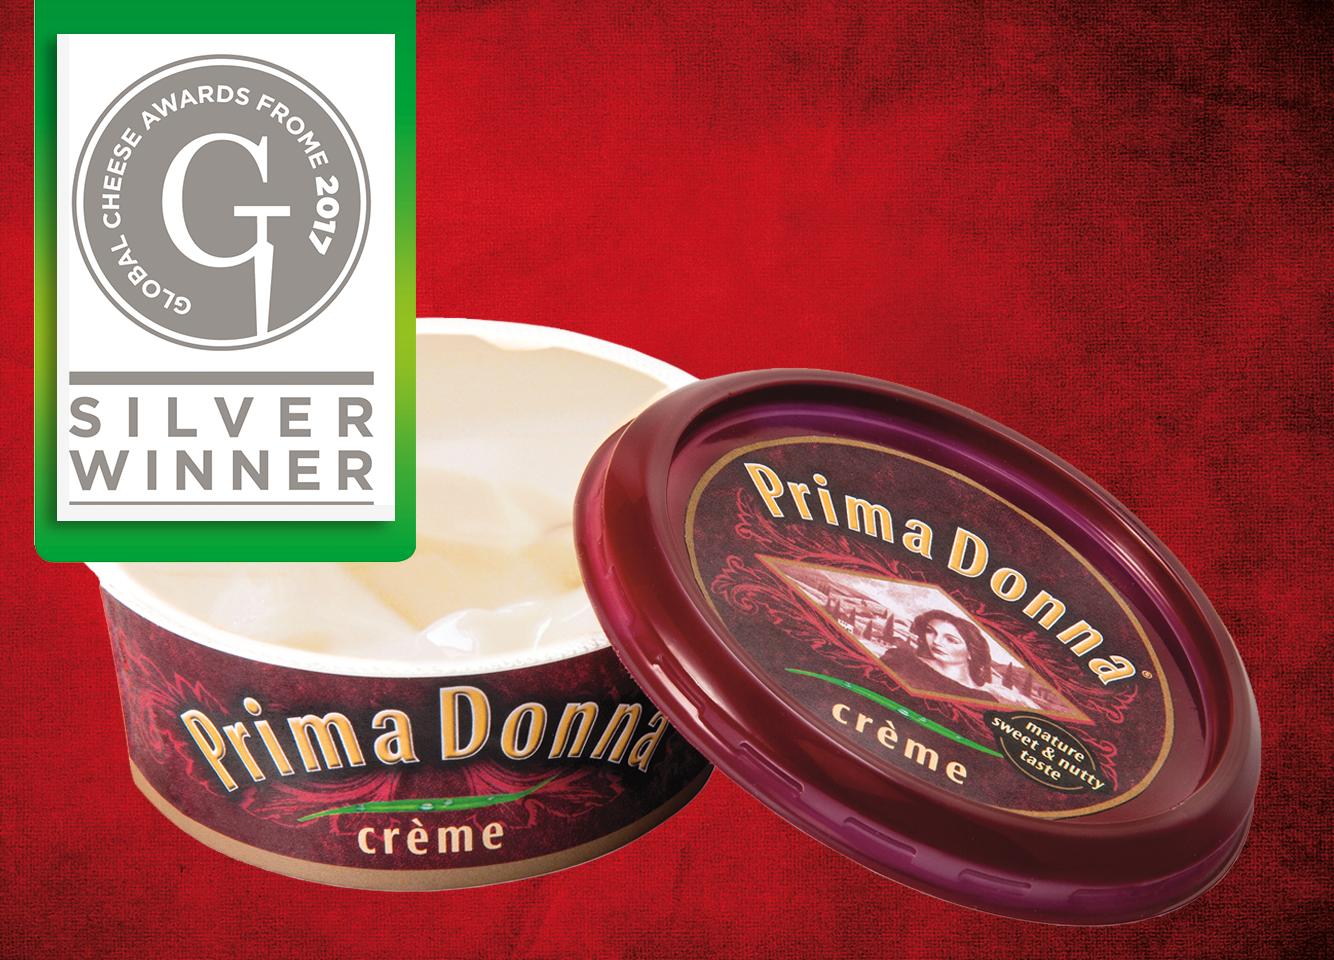 Prima Donna crème